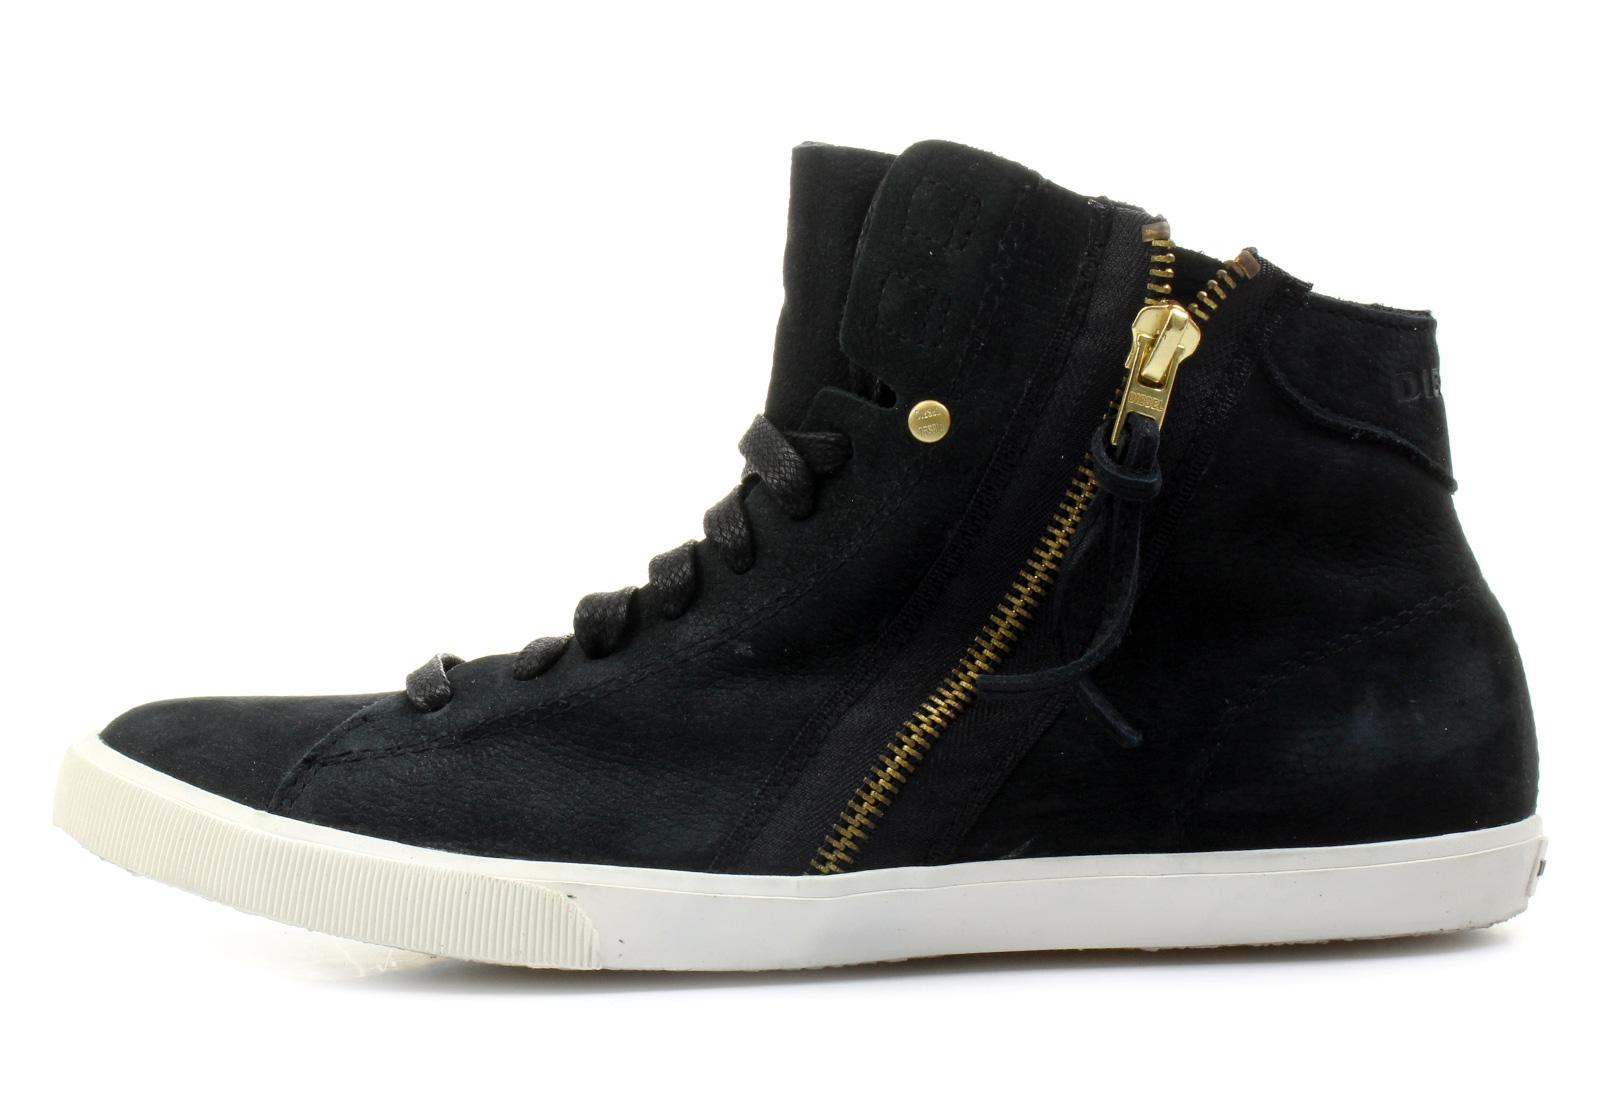 Diesel Shoes - Beach Pit W - 011-289-8013 - Online shop ...